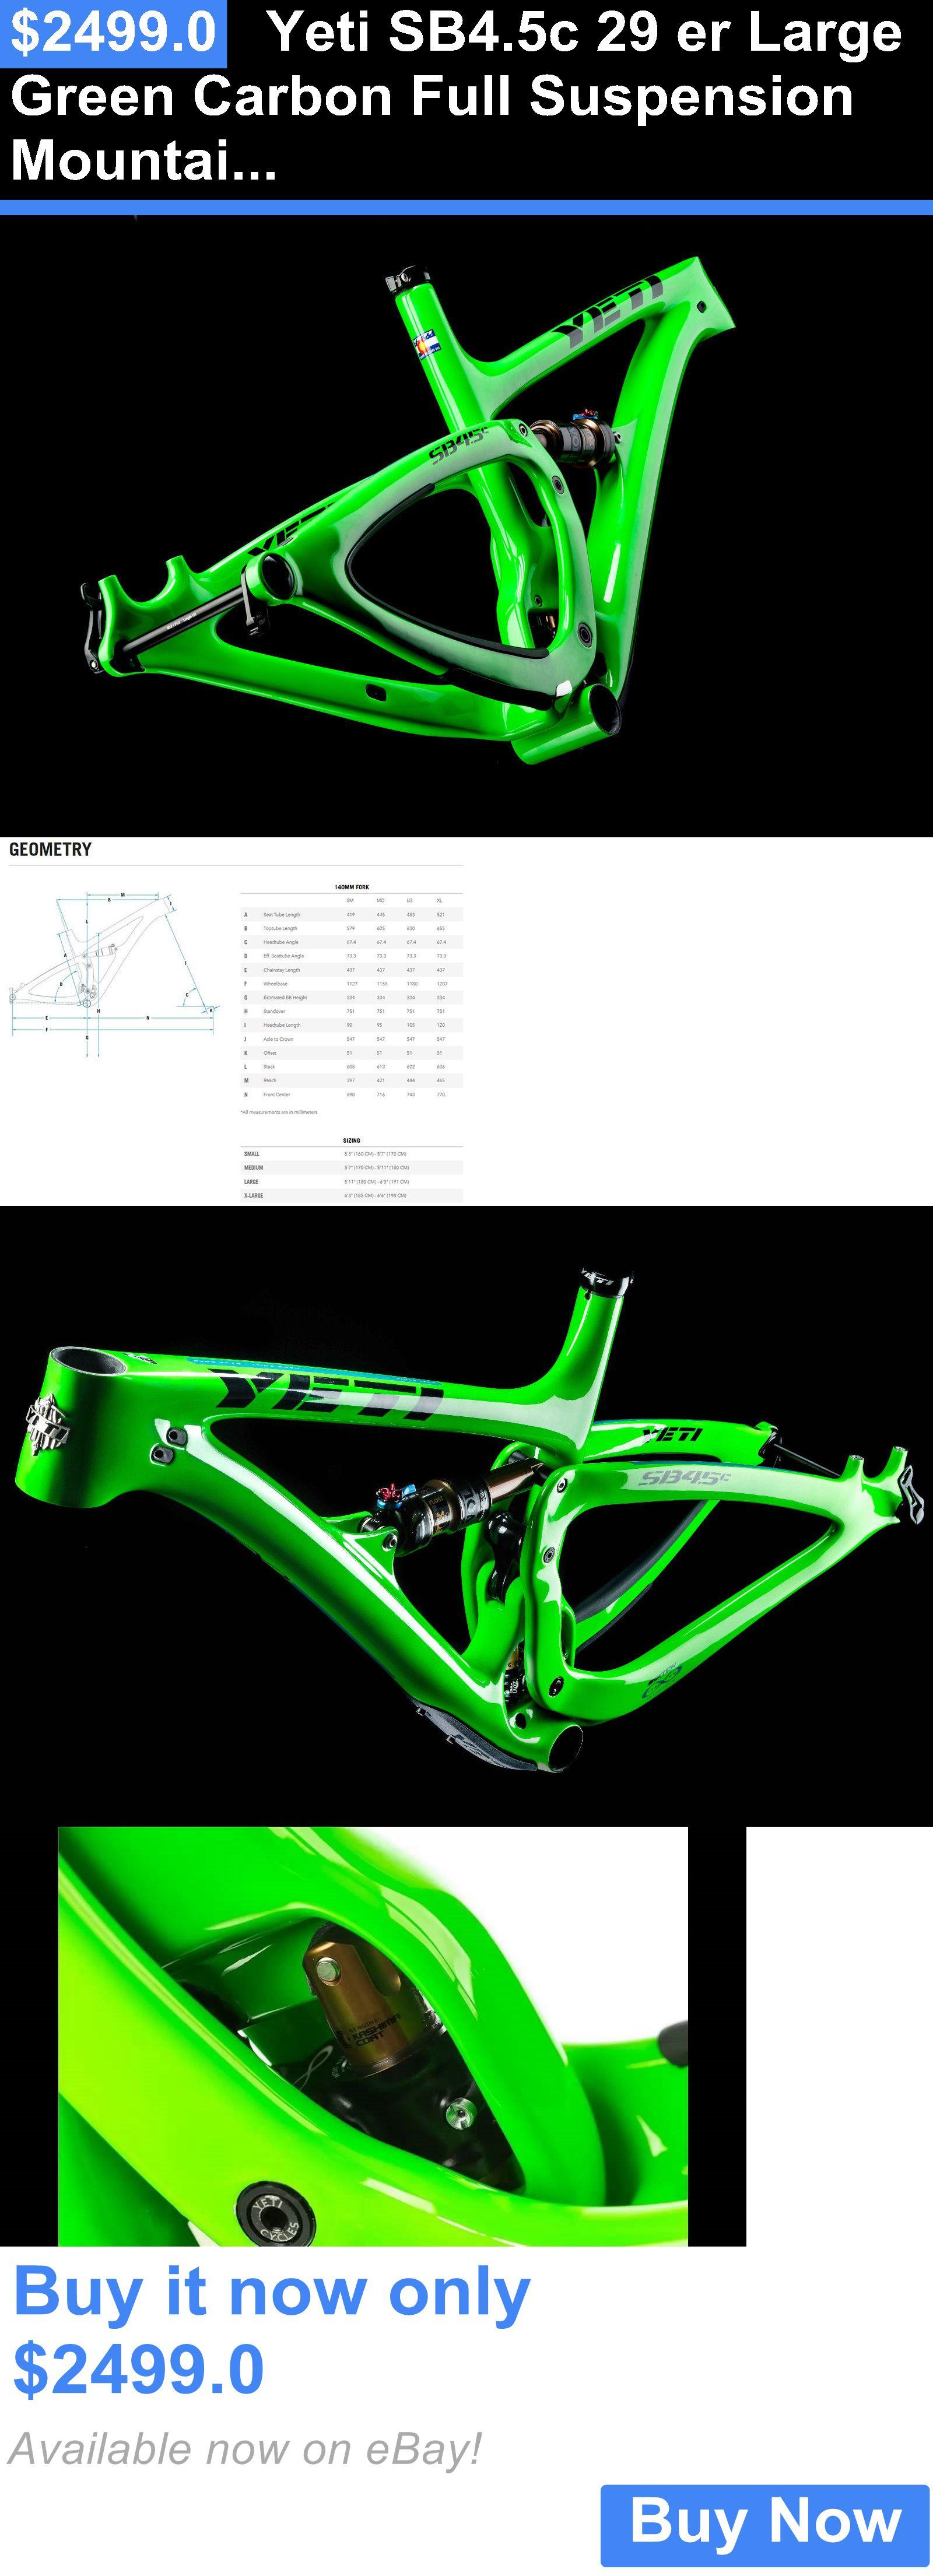 Bicycle Parts Yeti Sb4 5c 29 Er Large Green Carbon Full